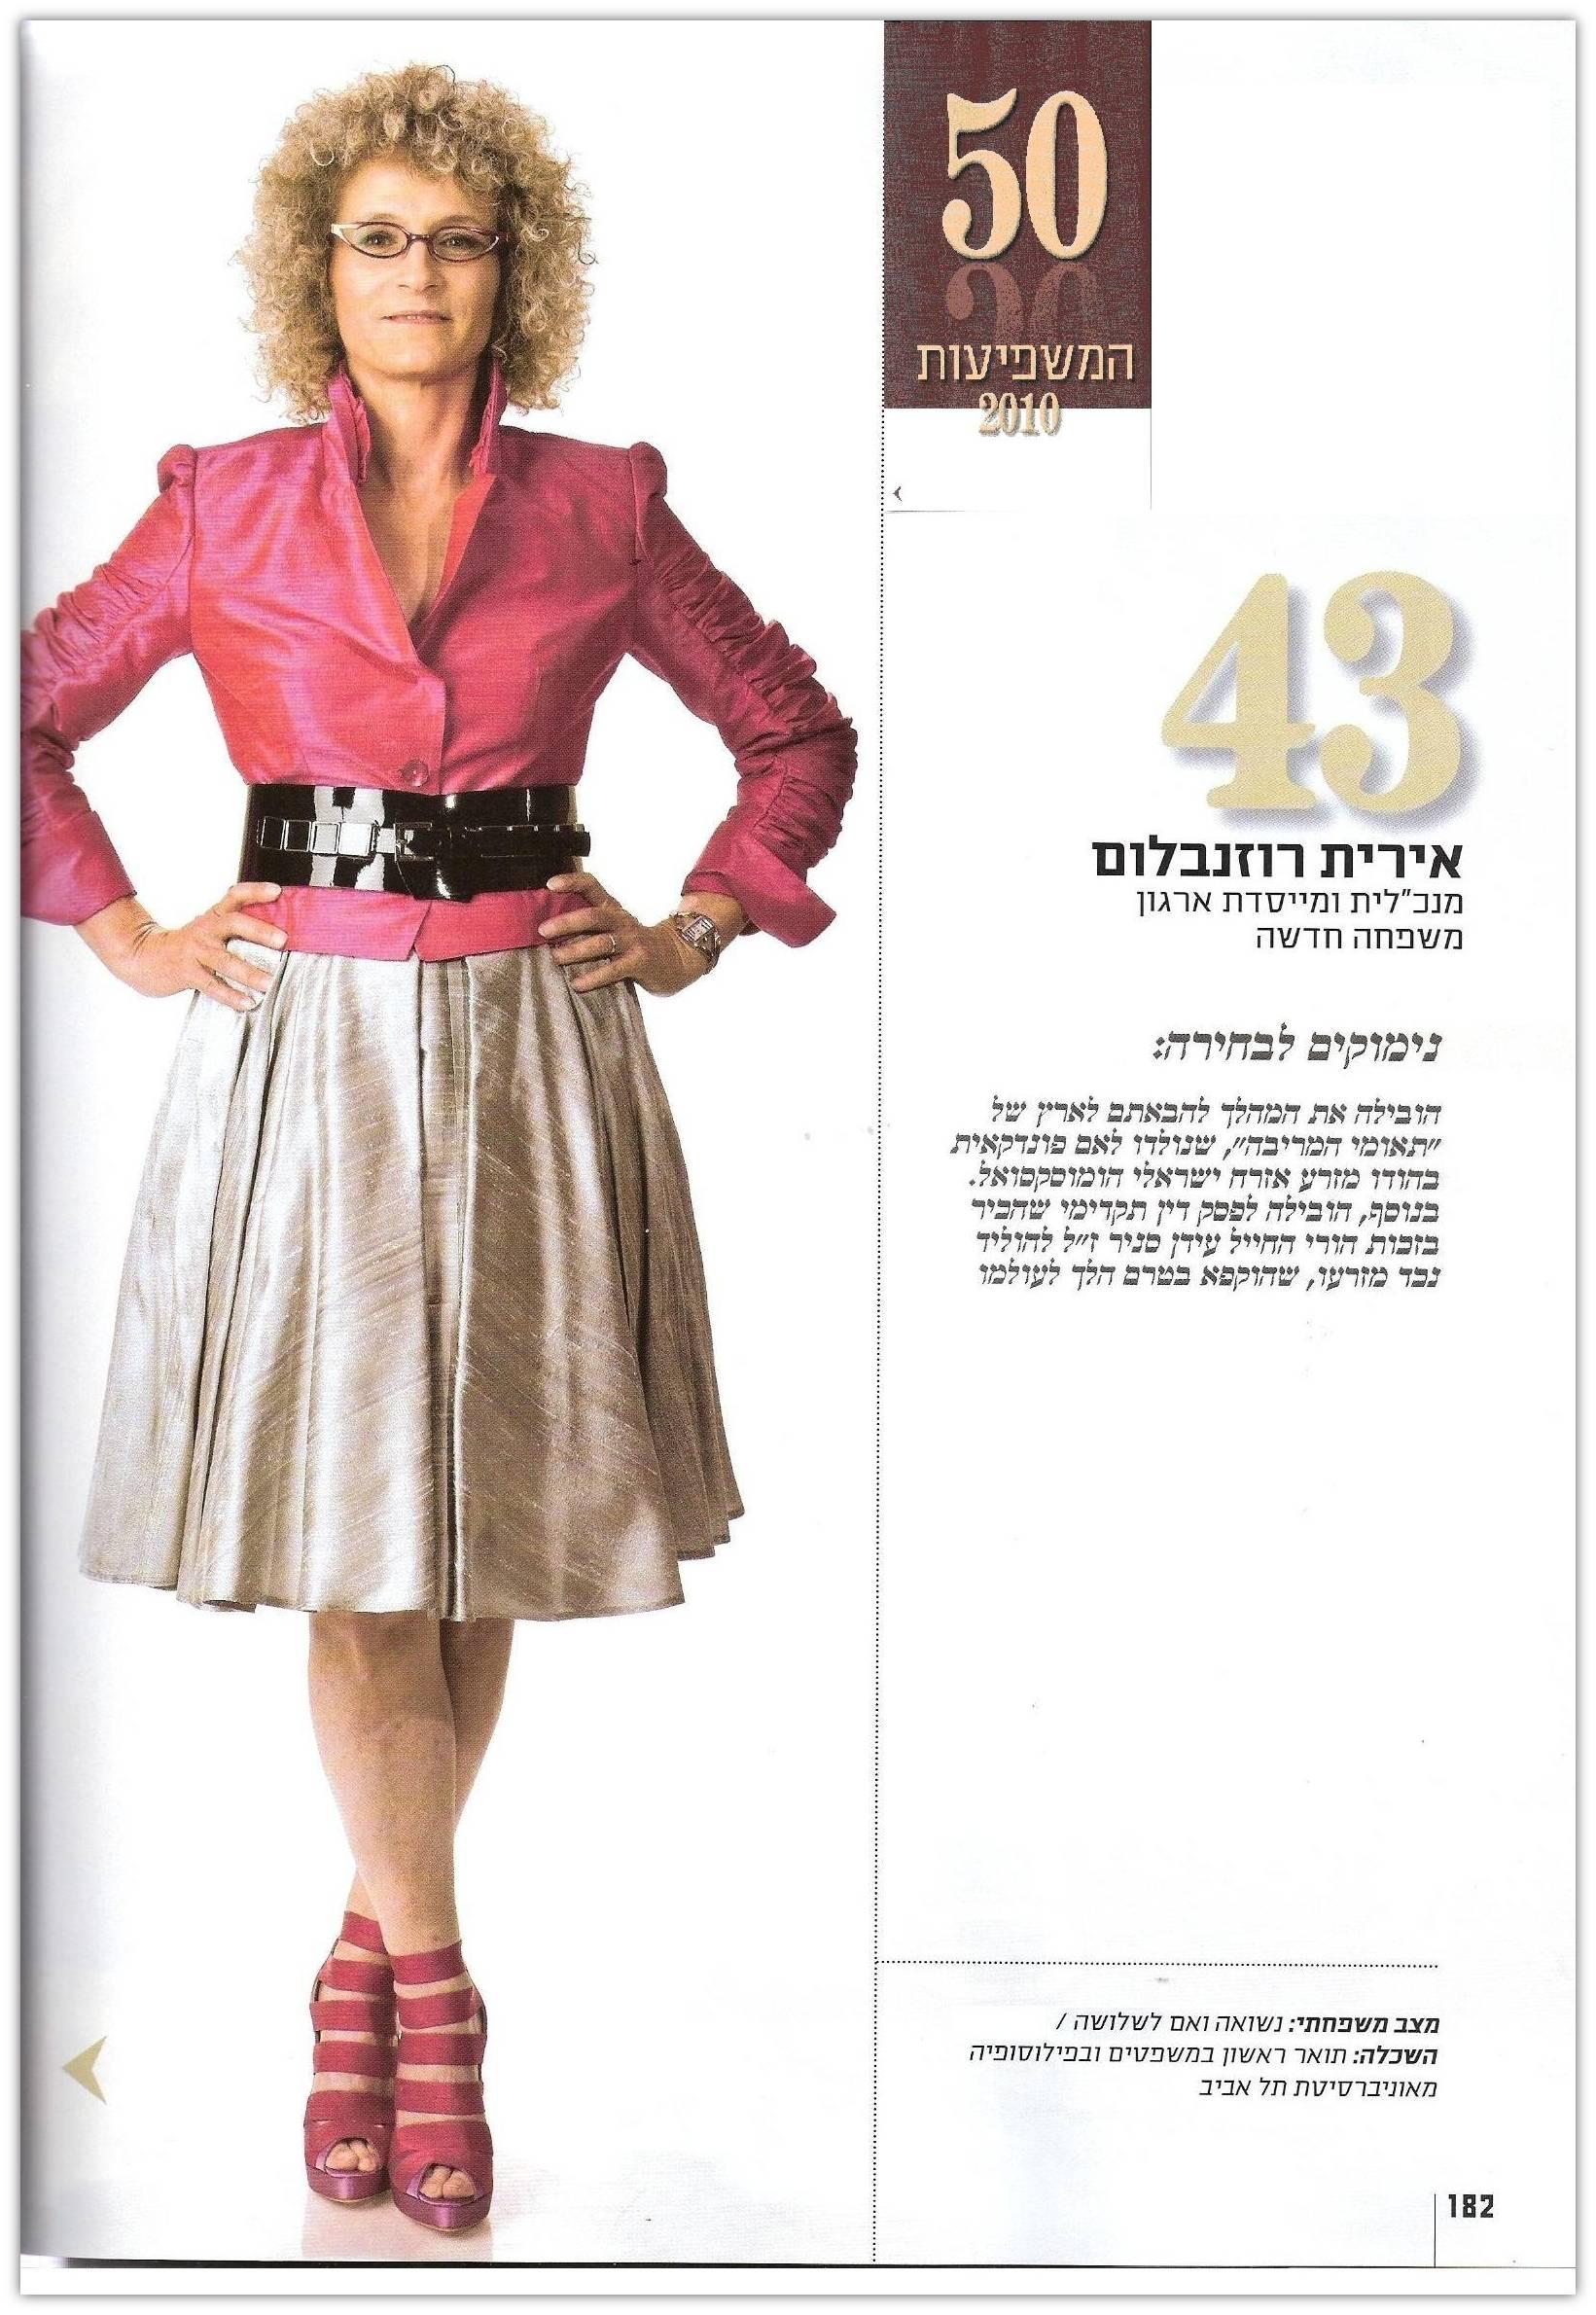 ליידי גלובס: אירית רוזנבלום בין 50 הנשים השפיעות ב- 2010